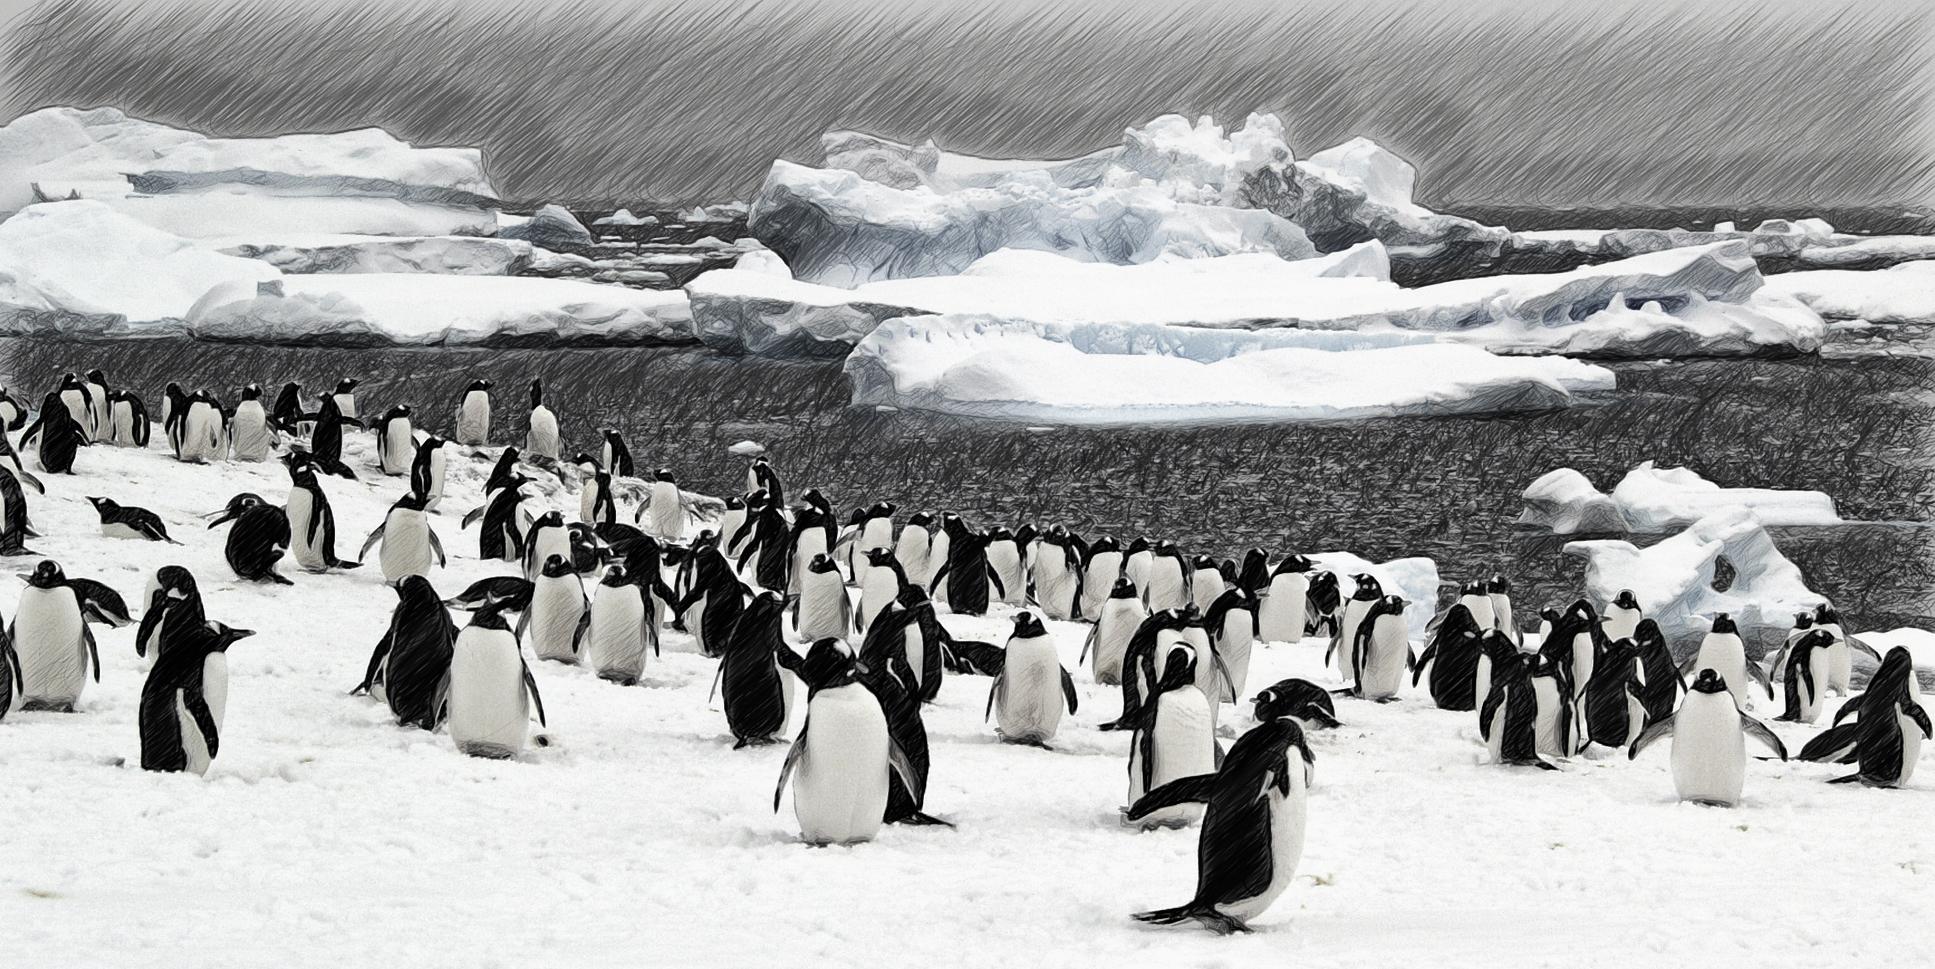 pinguine in der antarktis ...